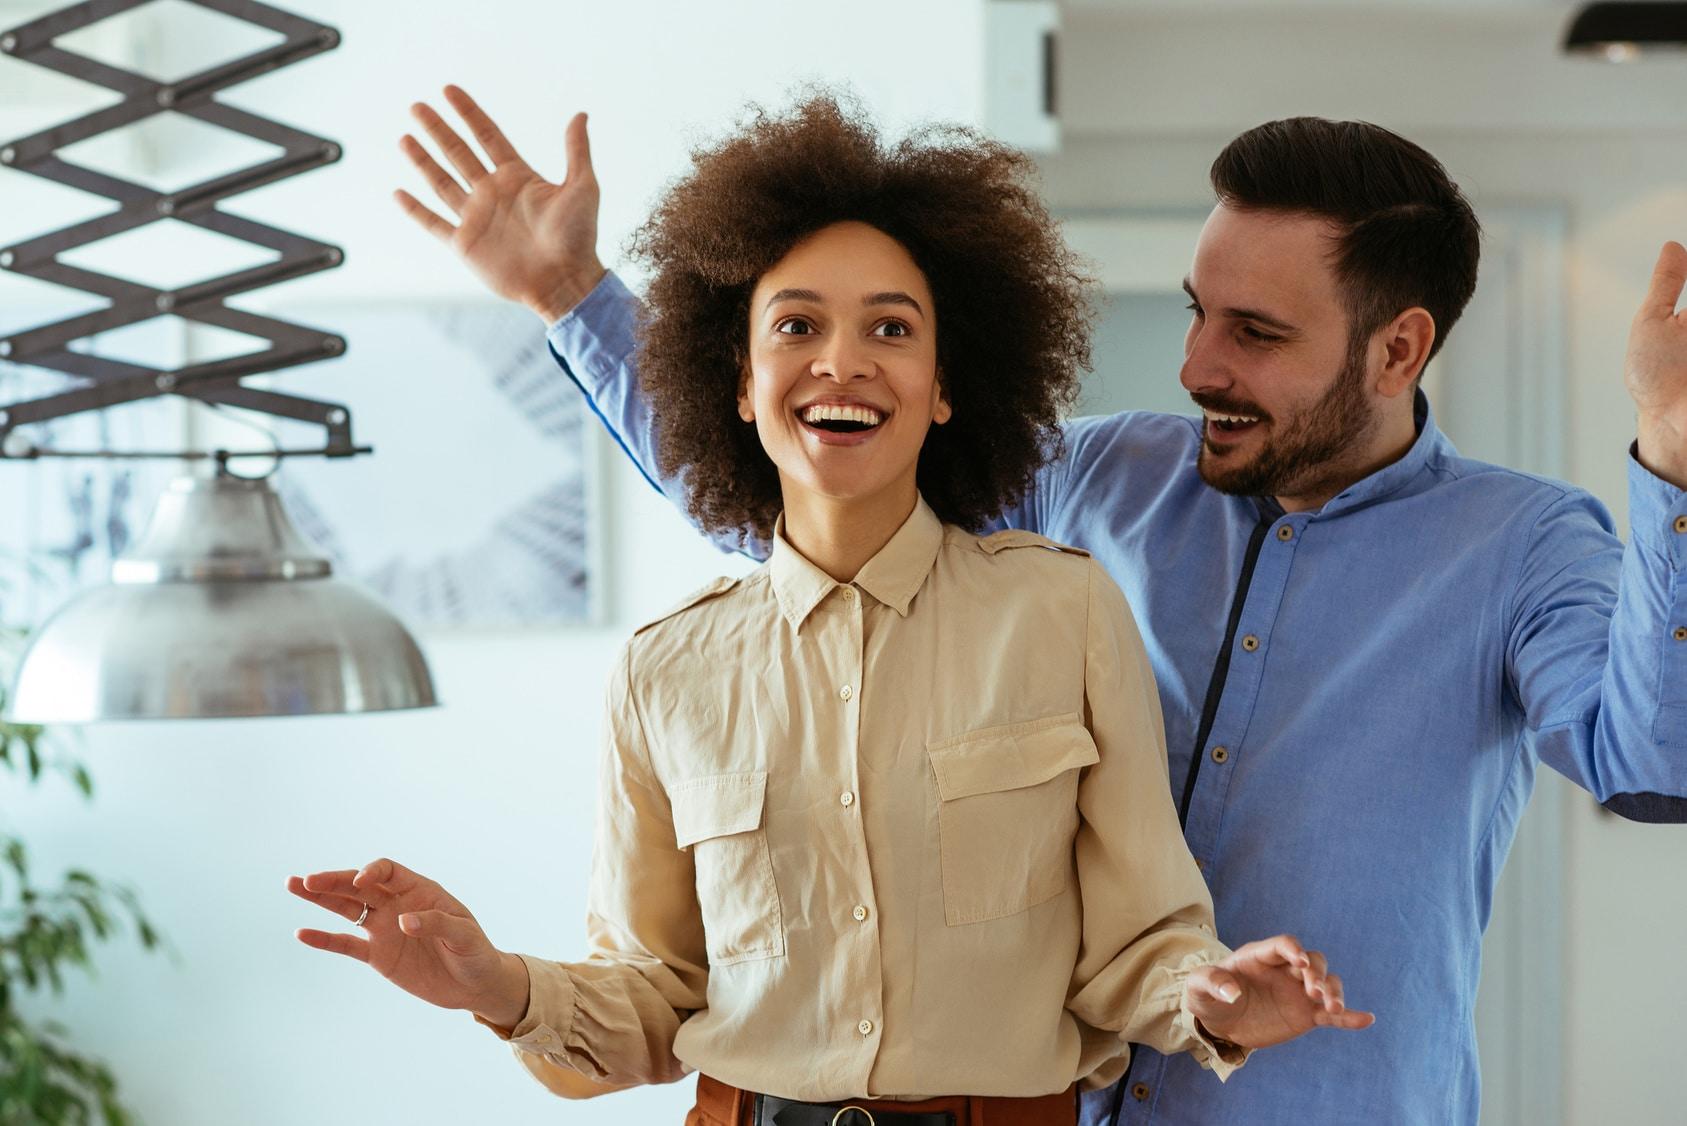 Eine Frau und ein Mann lachen sehr zufrieden miteinander. Mit dem Programm der unibee Institute, konnten beide Personen, ihr Selbstbewusstsein stärken und dauerhaft verankern. Sie hat schwarze gelockte afrikanische Haare und ist bekleidet mit einem hellbraunen Hemd. Der Mann hat kurze schwarze Haare und ist bekleidet mit einem blauen Freizeithemd. Im Hintergrund ist ein Wohnzimmer leicht verschwommen zu sehen.